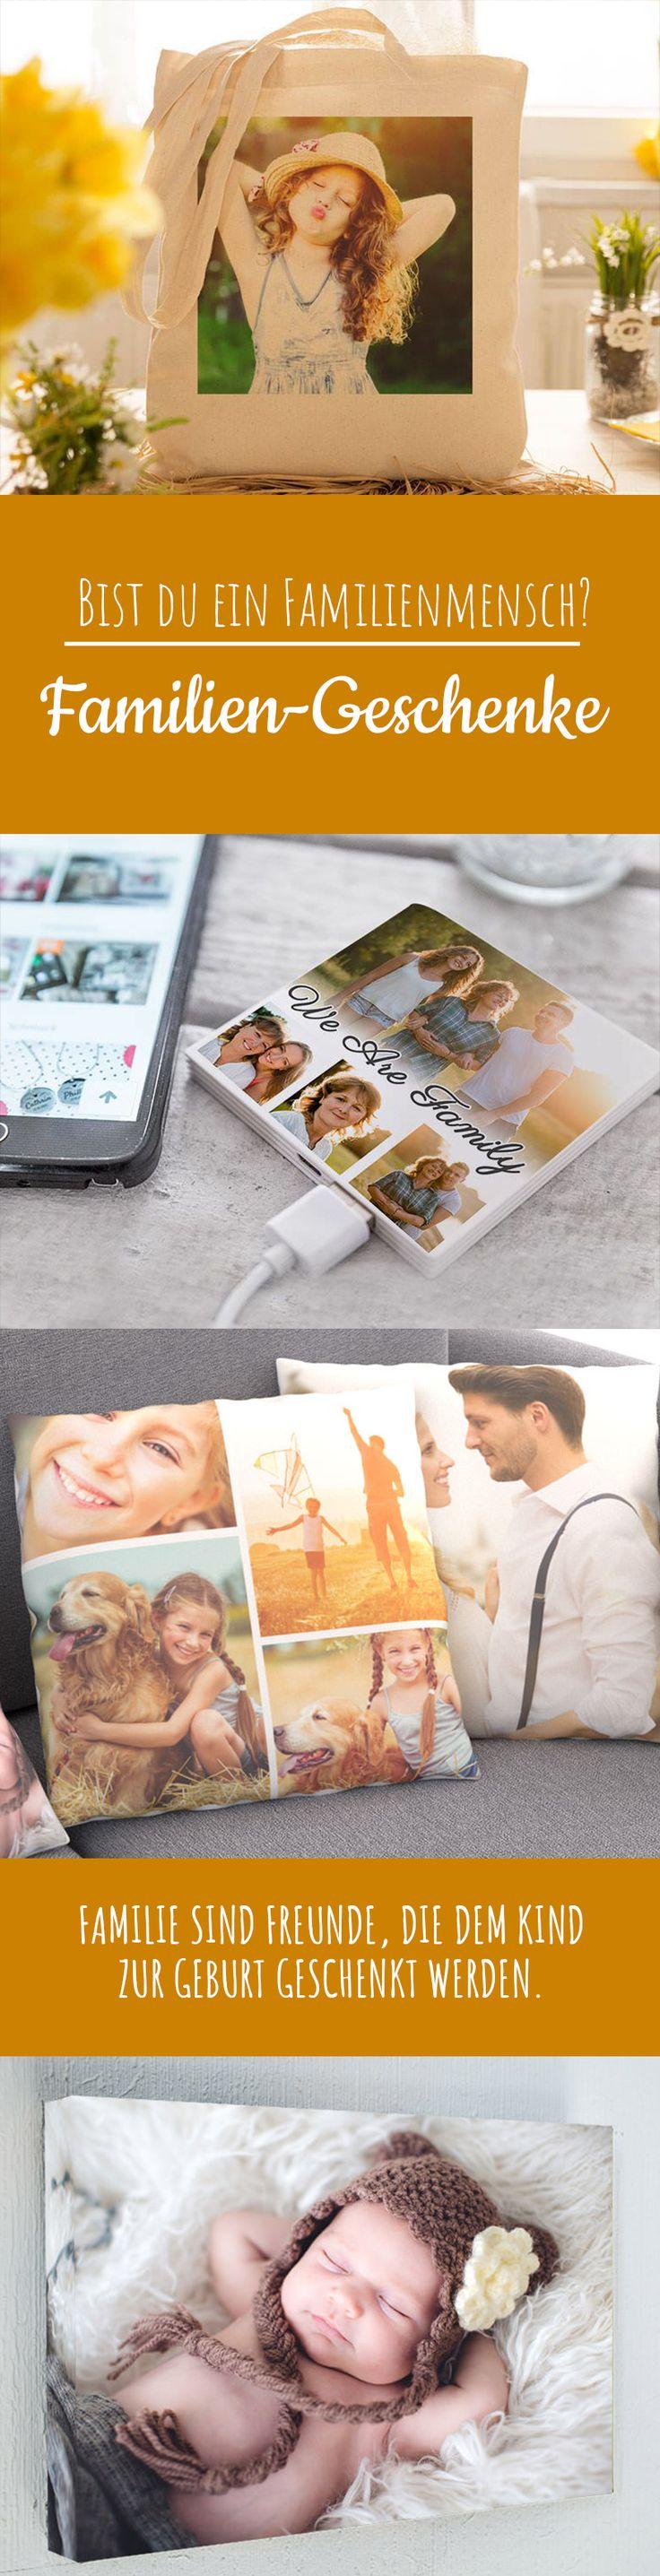 89 besten romantische geschenke bilder auf pinterest. Black Bedroom Furniture Sets. Home Design Ideas